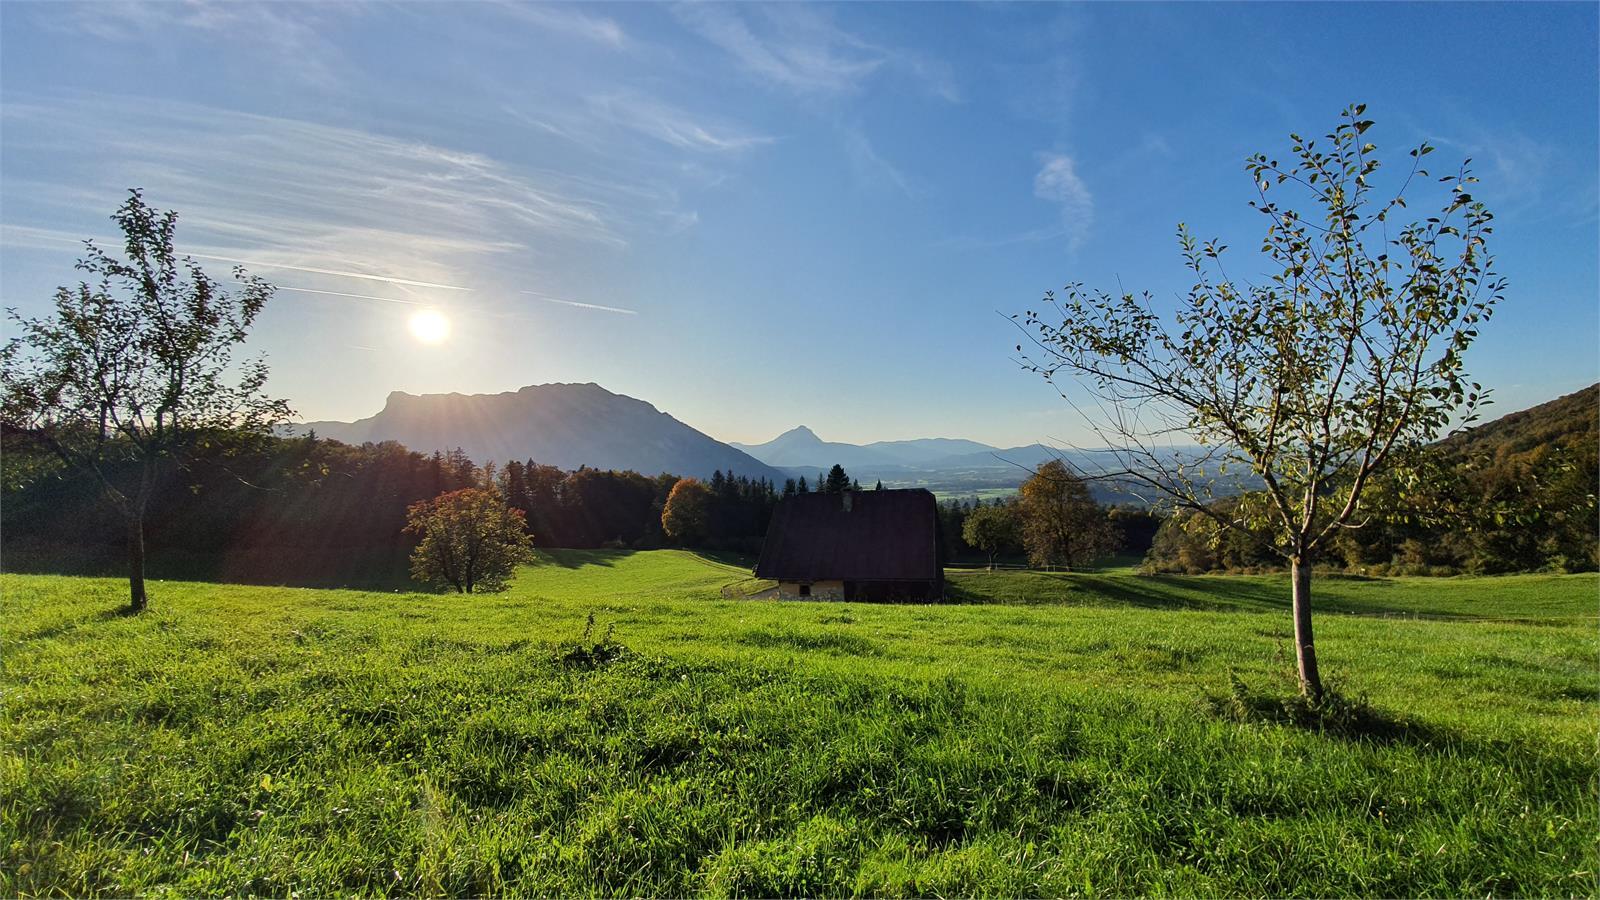 Untersbergblick von Hochstadl in St. Jakob am Thurn | ©TVB Puch